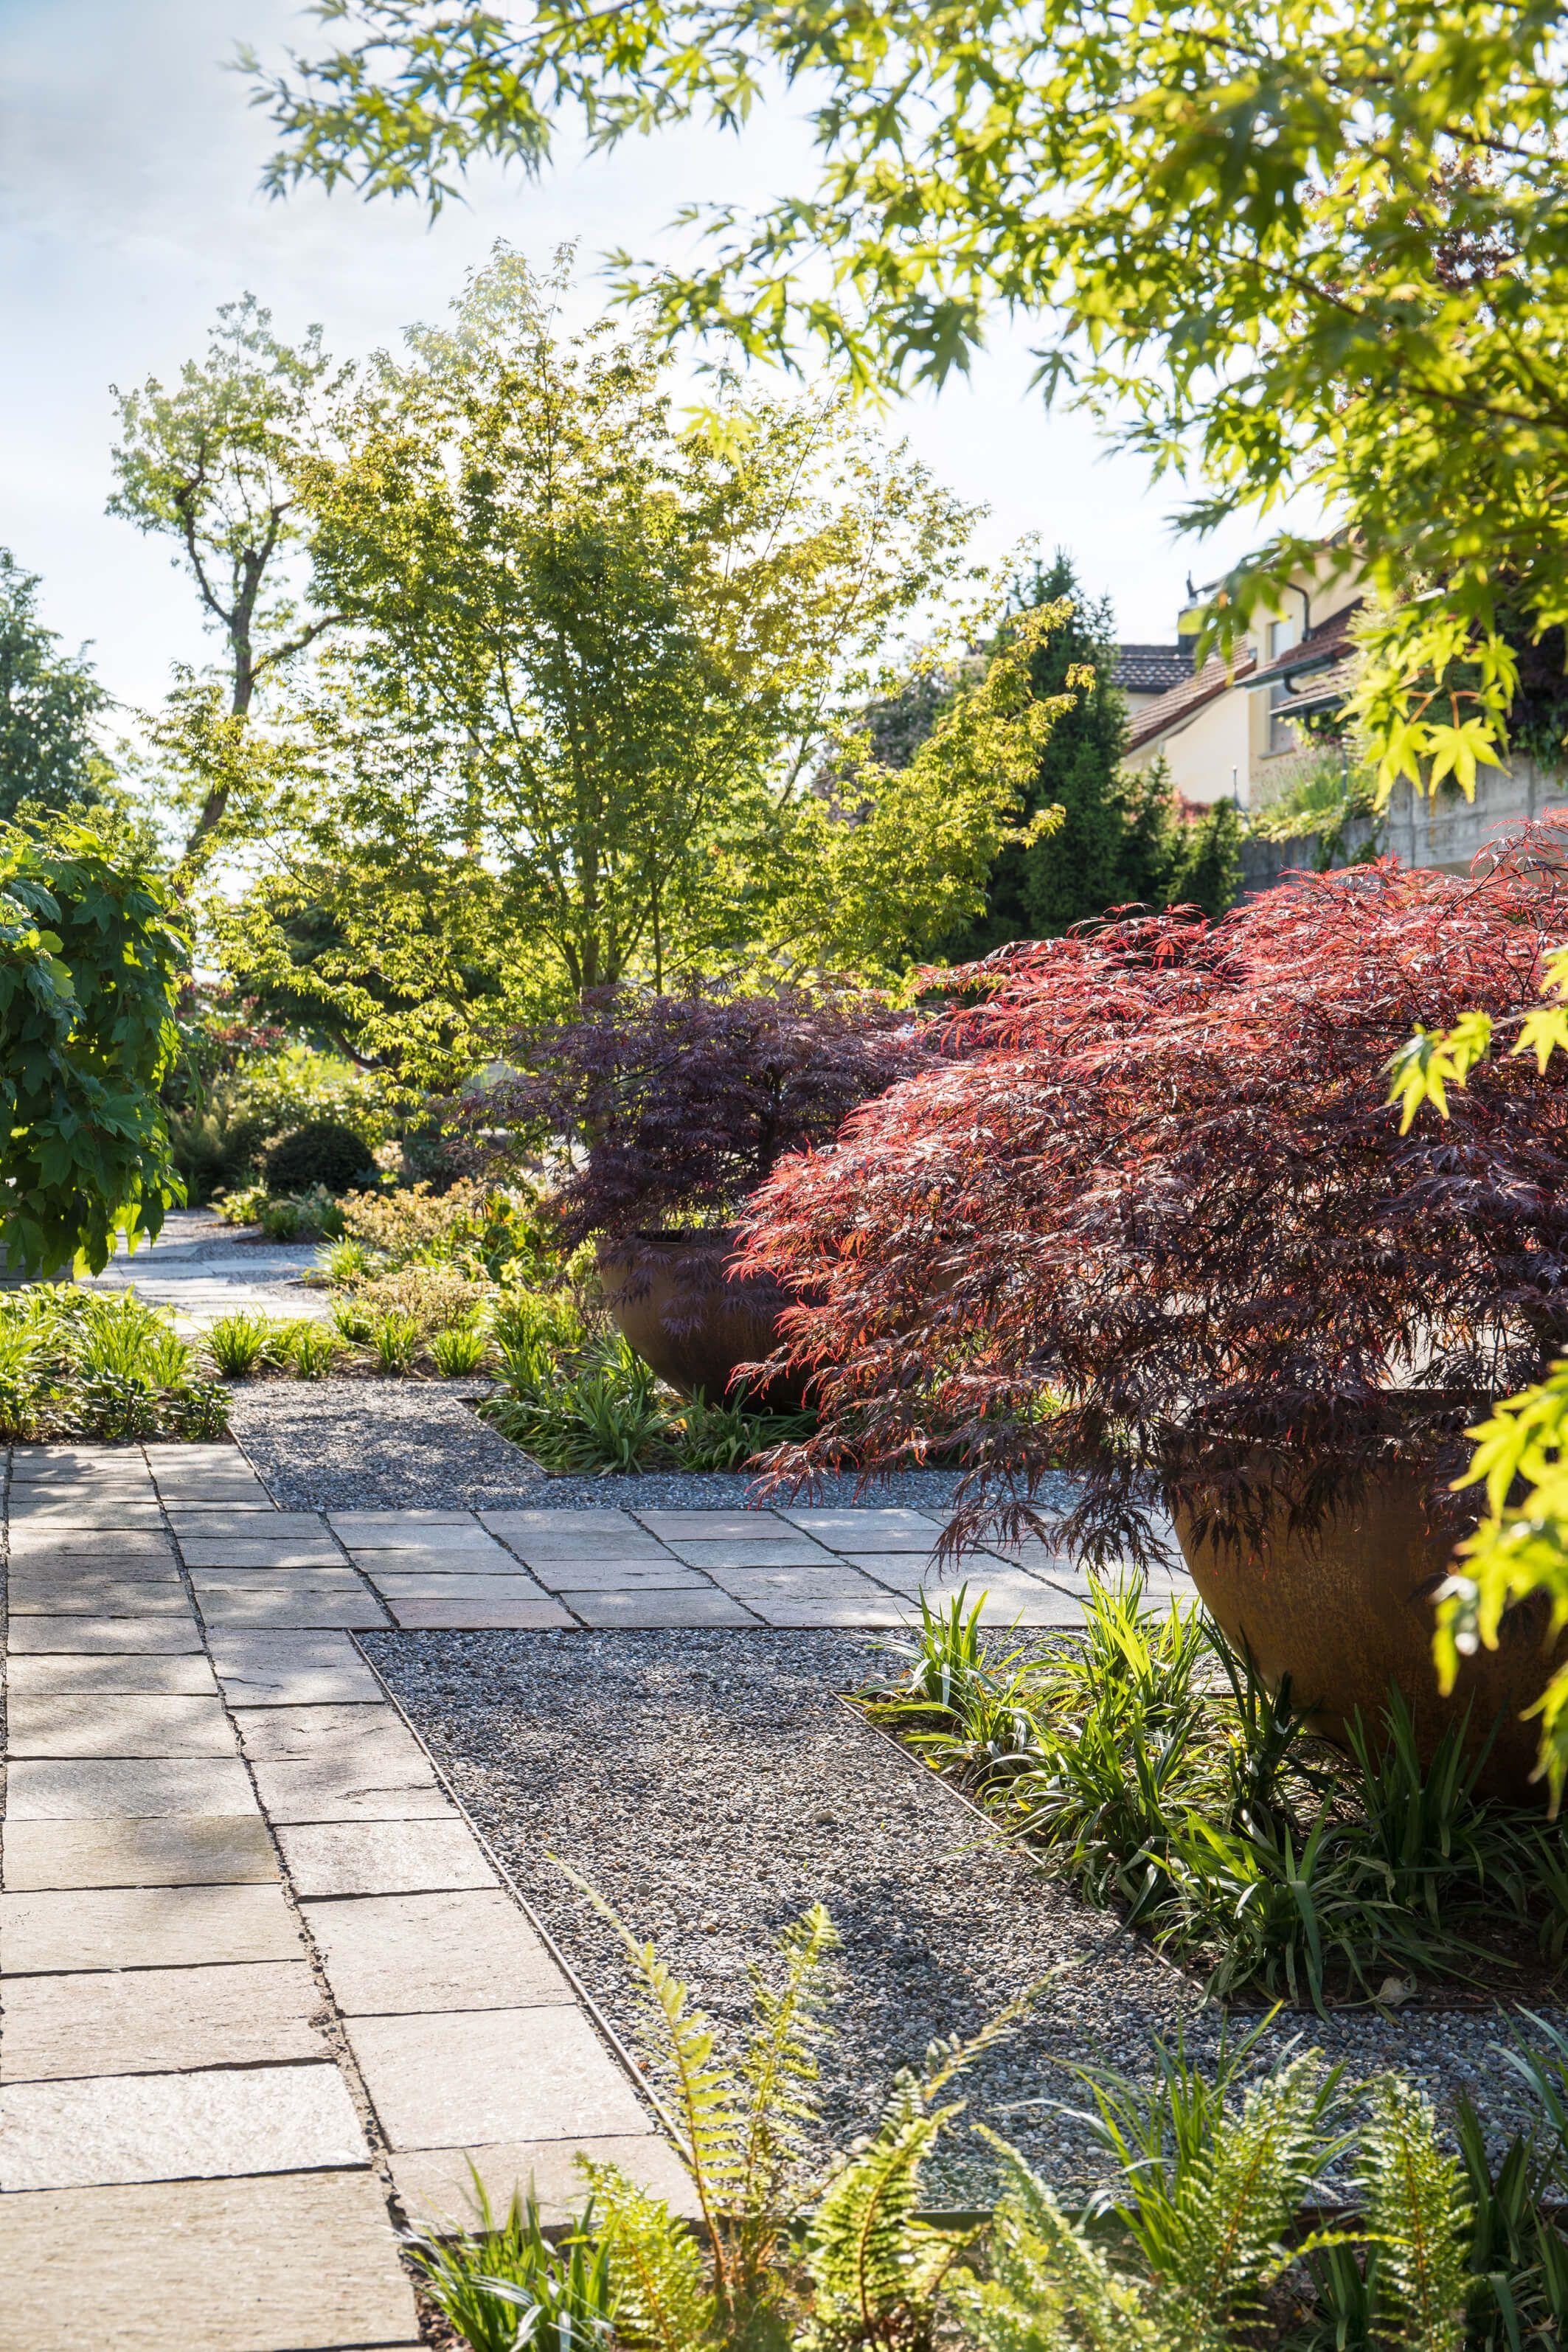 Beeindruckend Gartengestaltung Vorgarten Sammlung Von Moderner Mit Japanischem Ahorn - Parc